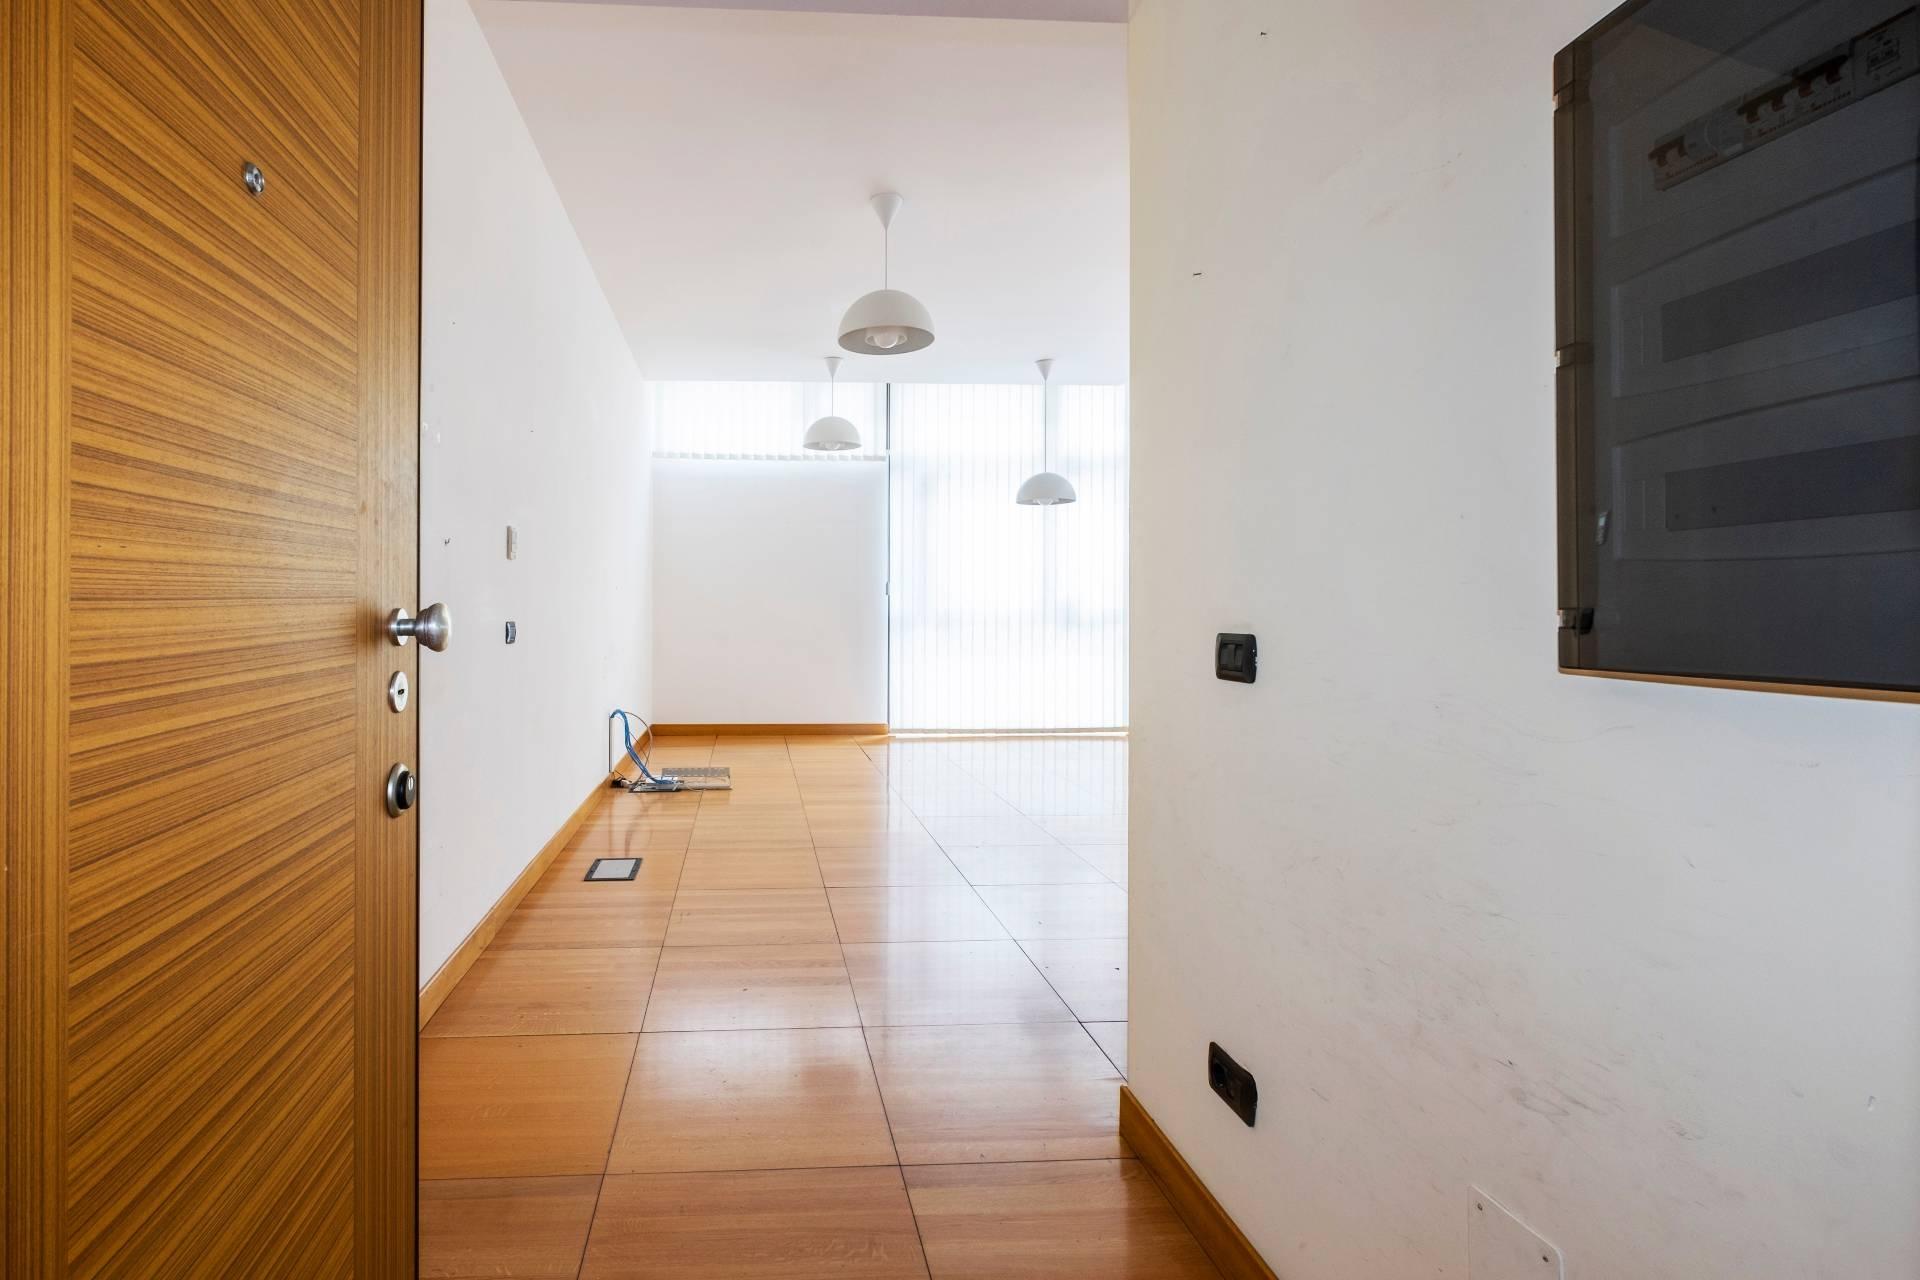 Appartamento in Affitto a Roma 02 Parioli / Pinciano / Flaminio: 3 locali, 43 mq